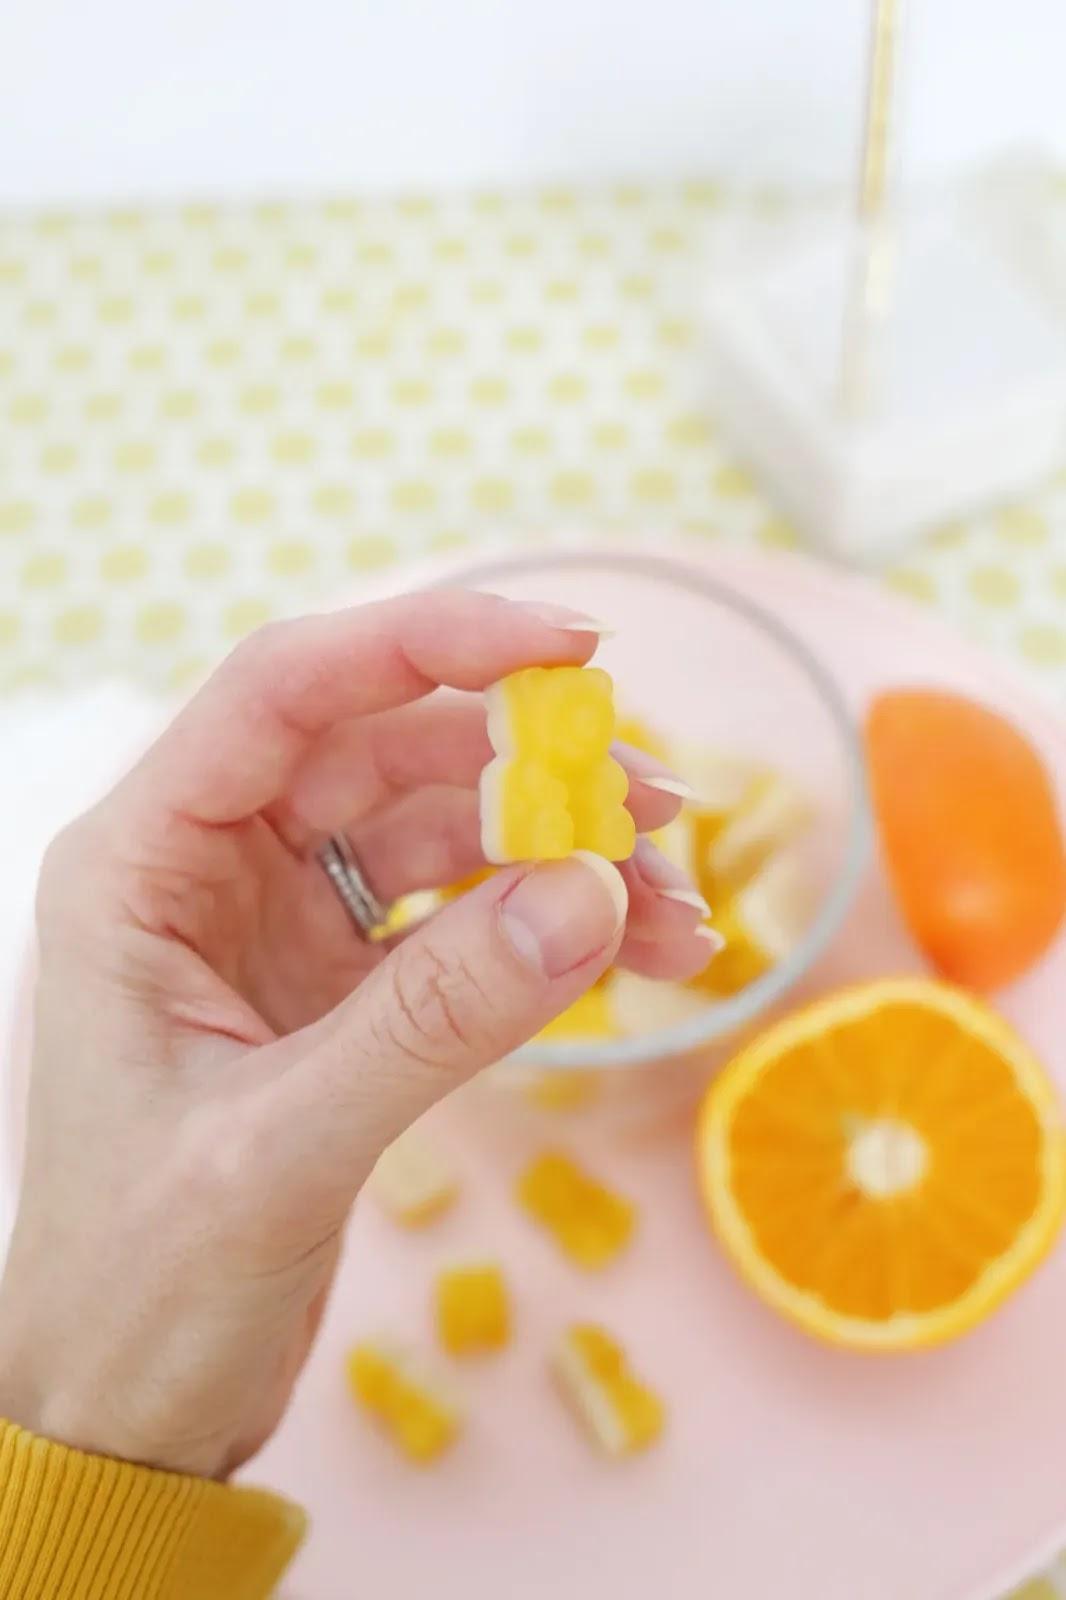 gominolas caseras de fruta